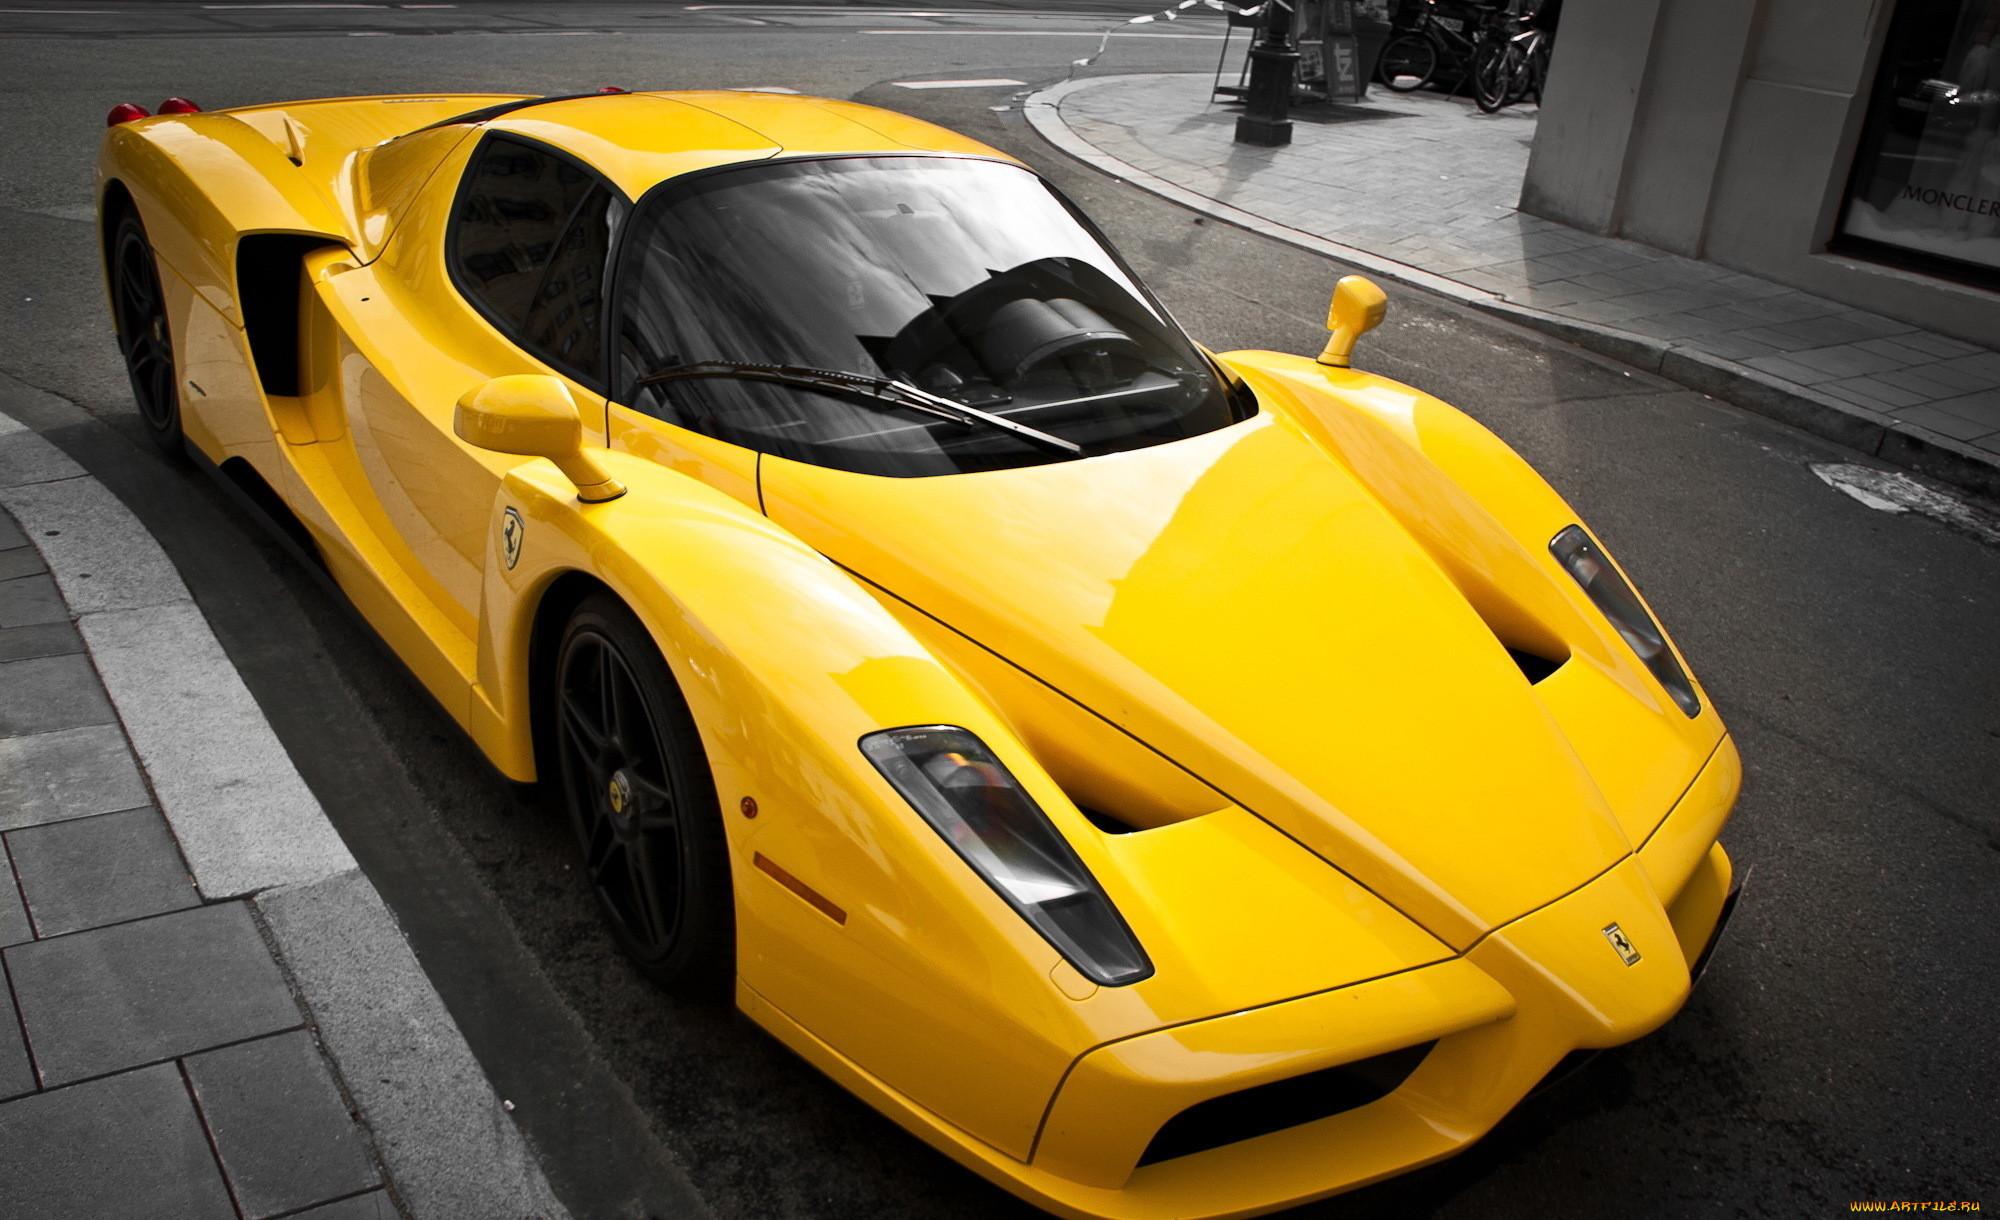 грипп отличается желтые машины фото выпускают плагины или